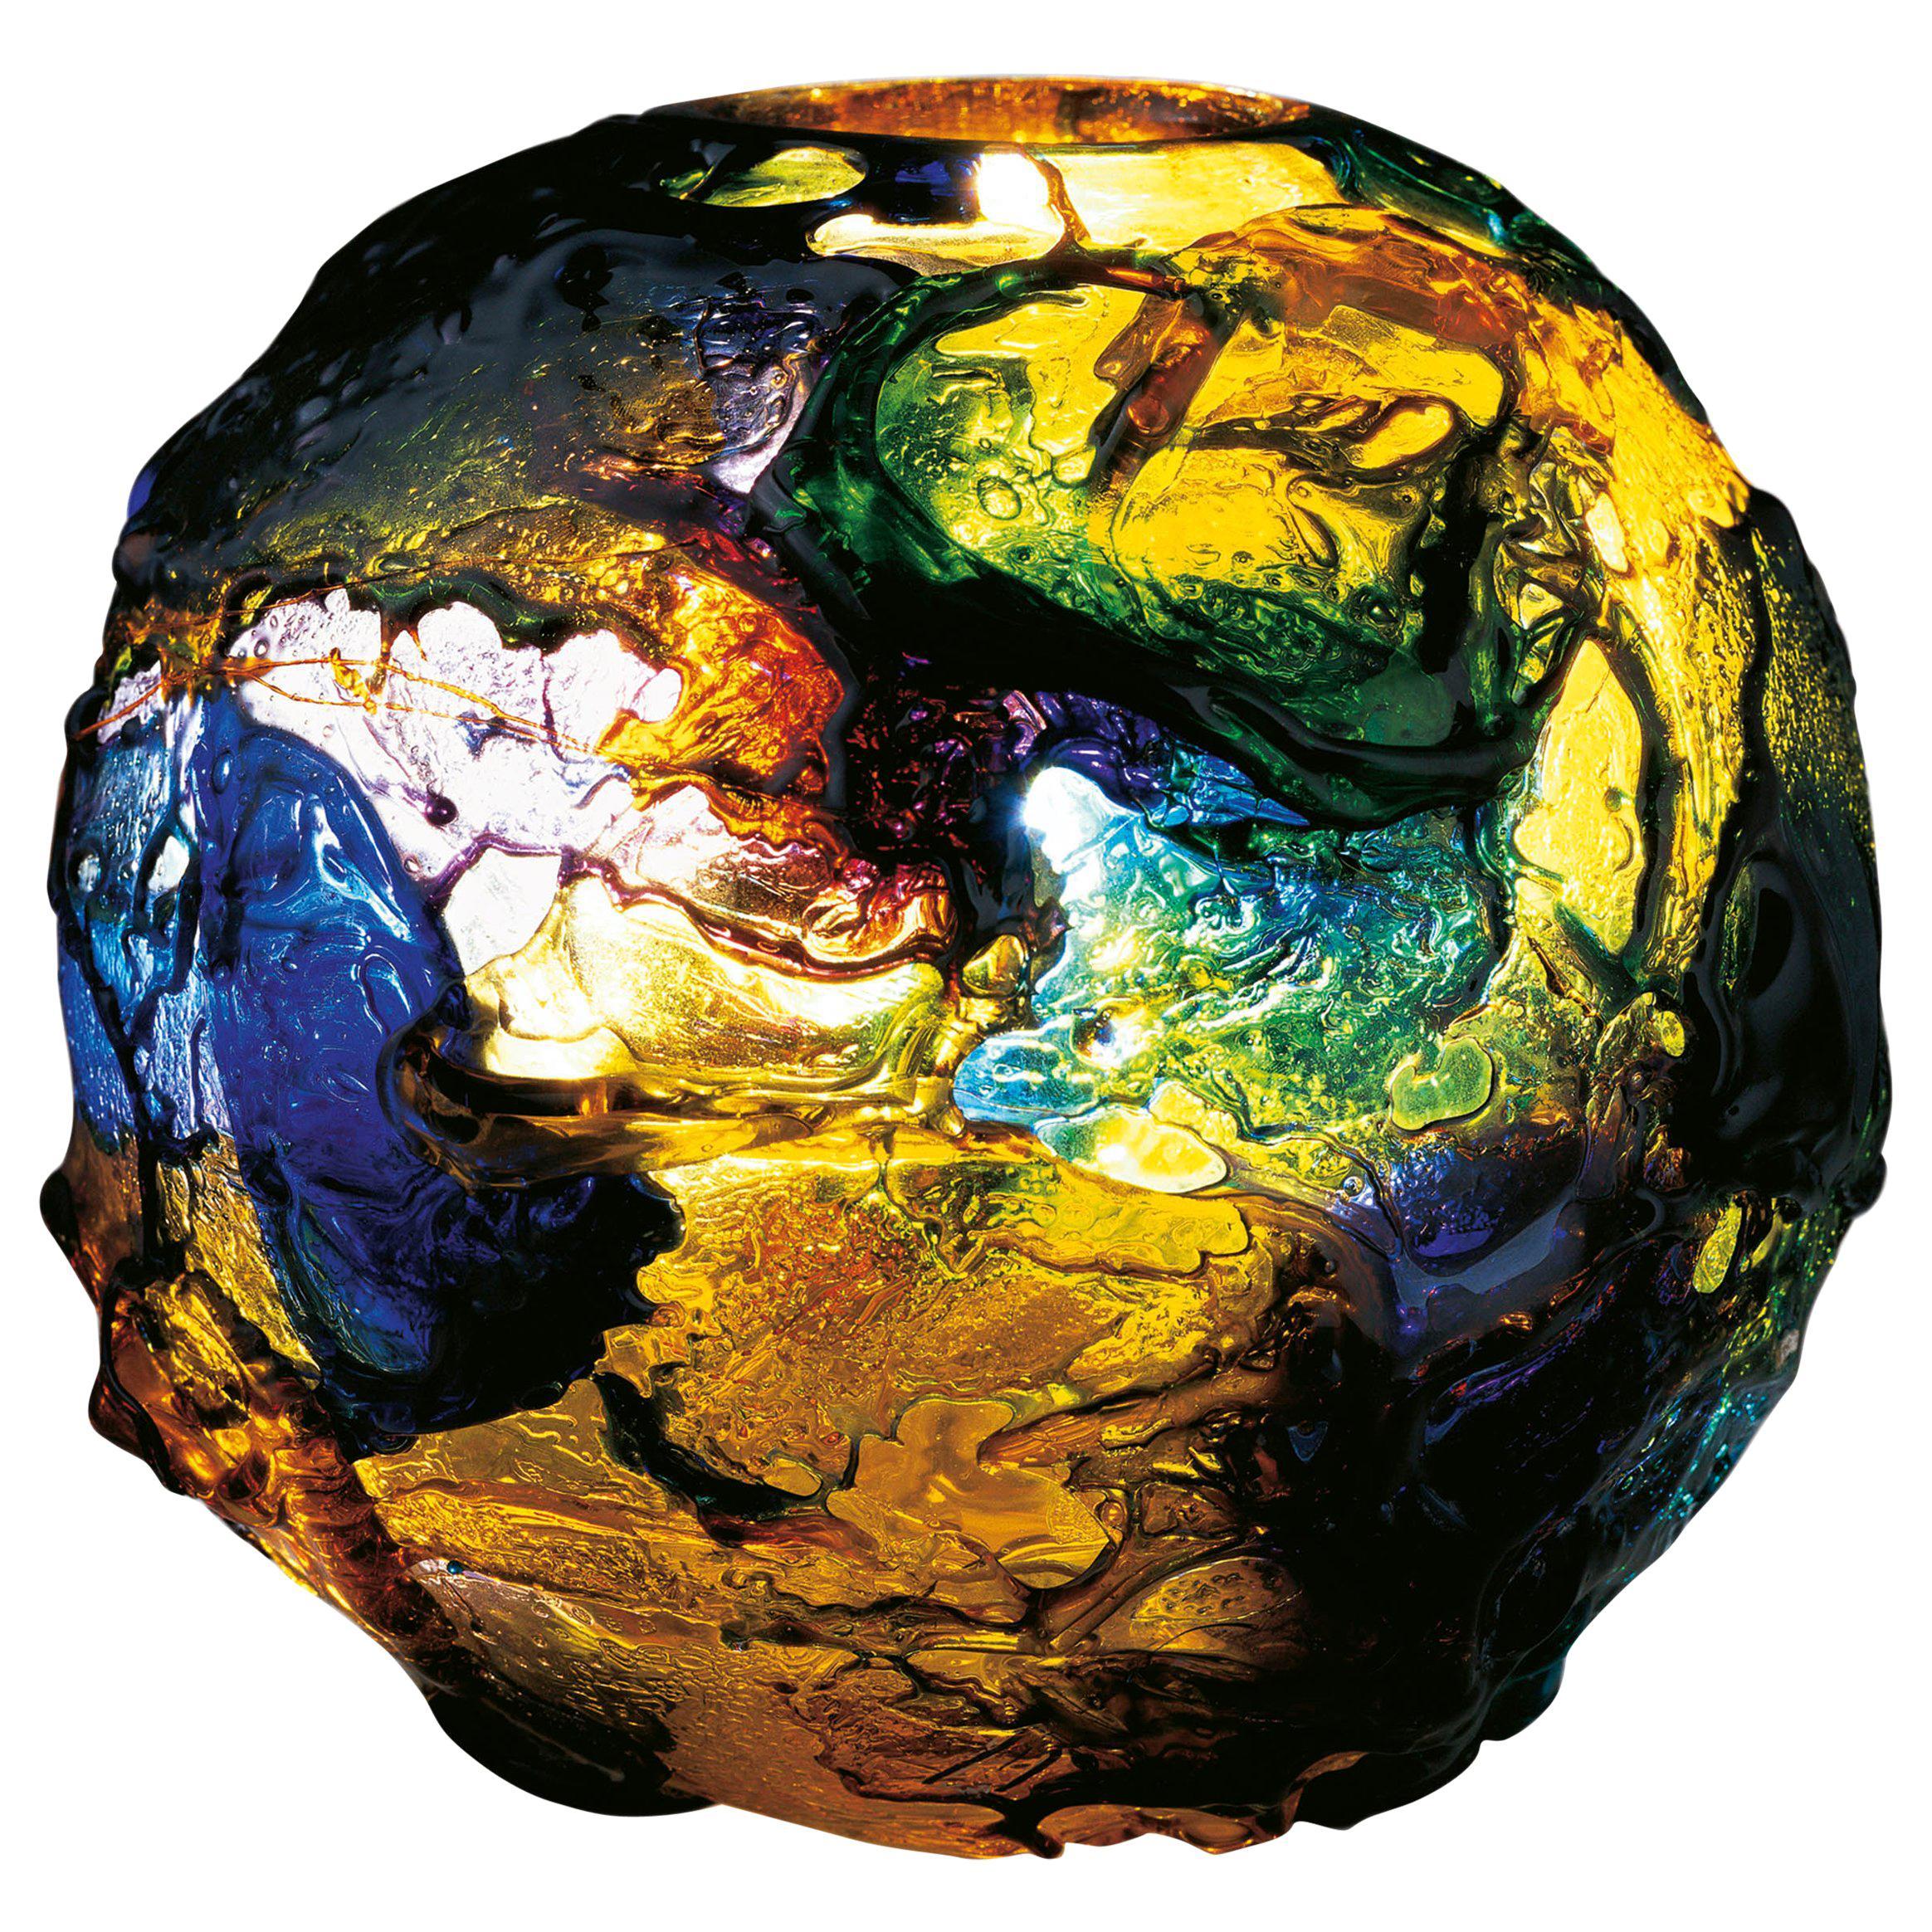 Venini Geacolor Glass Vase in Multi-Color Swirls by Gae Aulenti